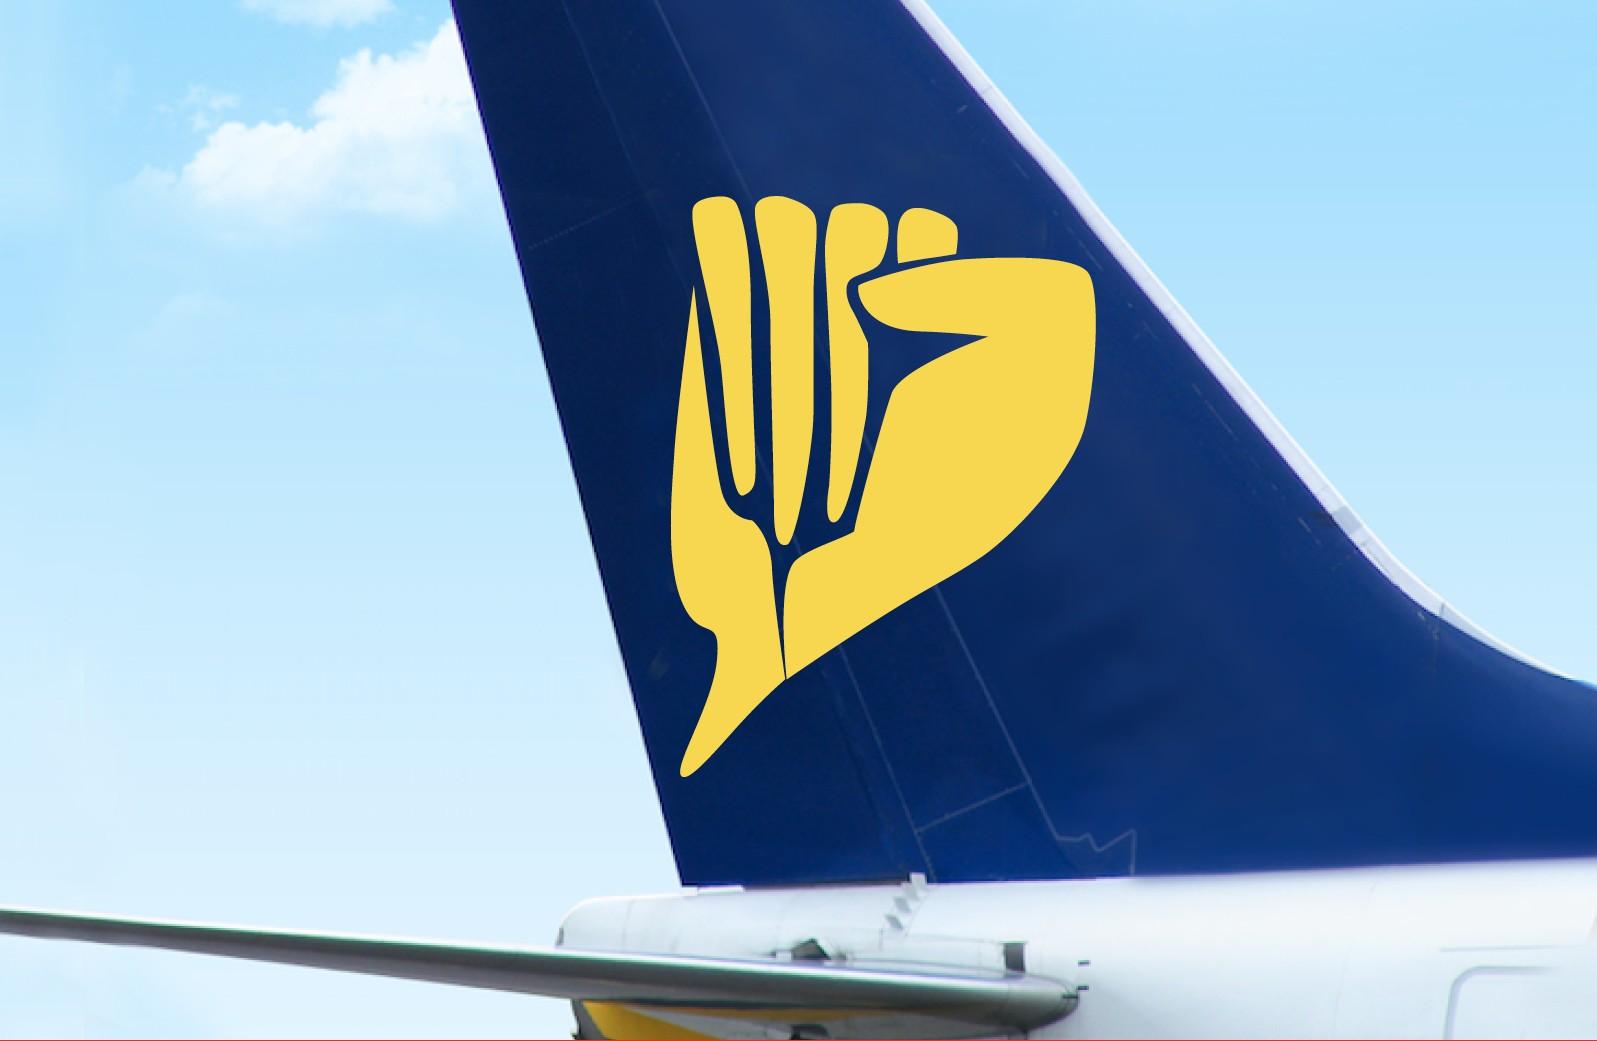 Ryanair_image.jpg